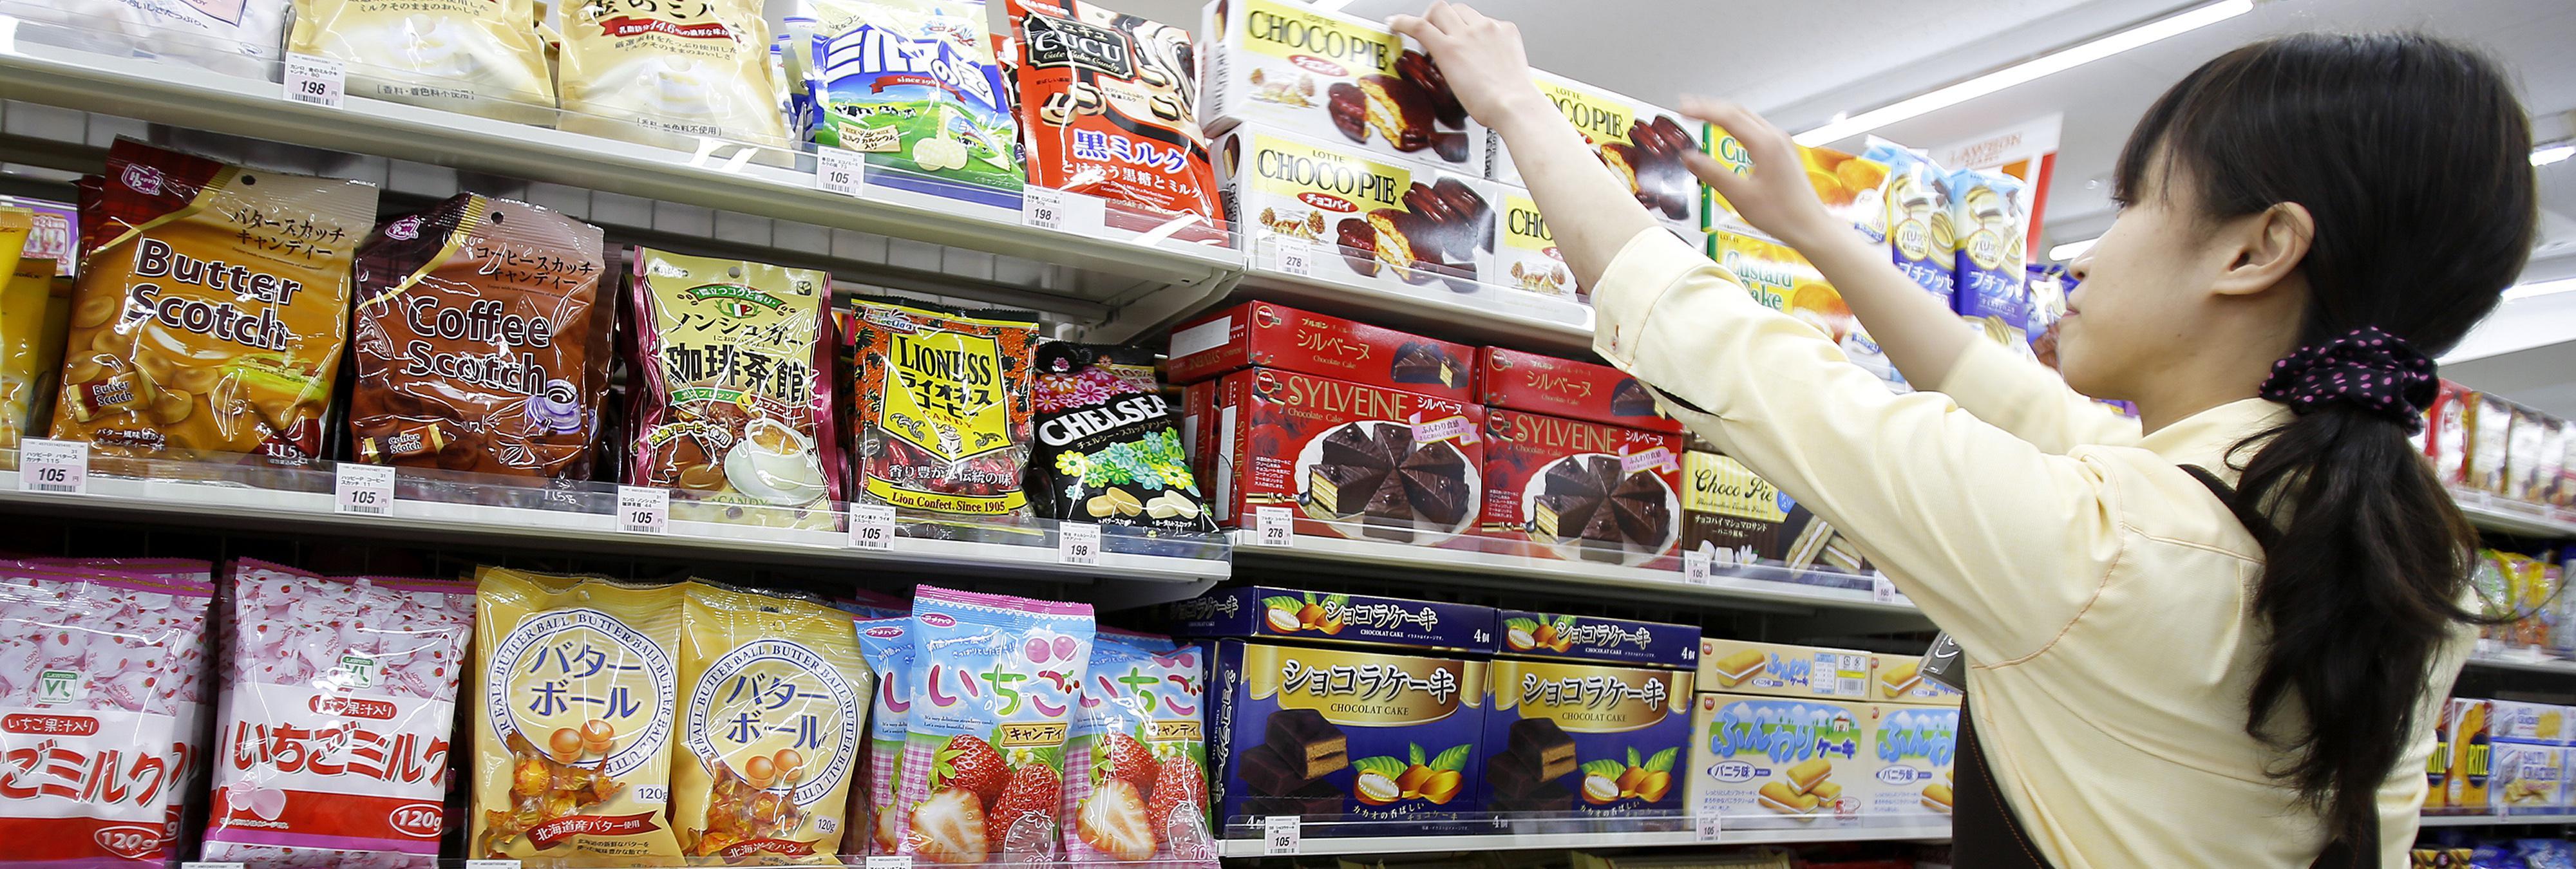 Los dulces más curiosos y raros que hemos encontrado en Japón